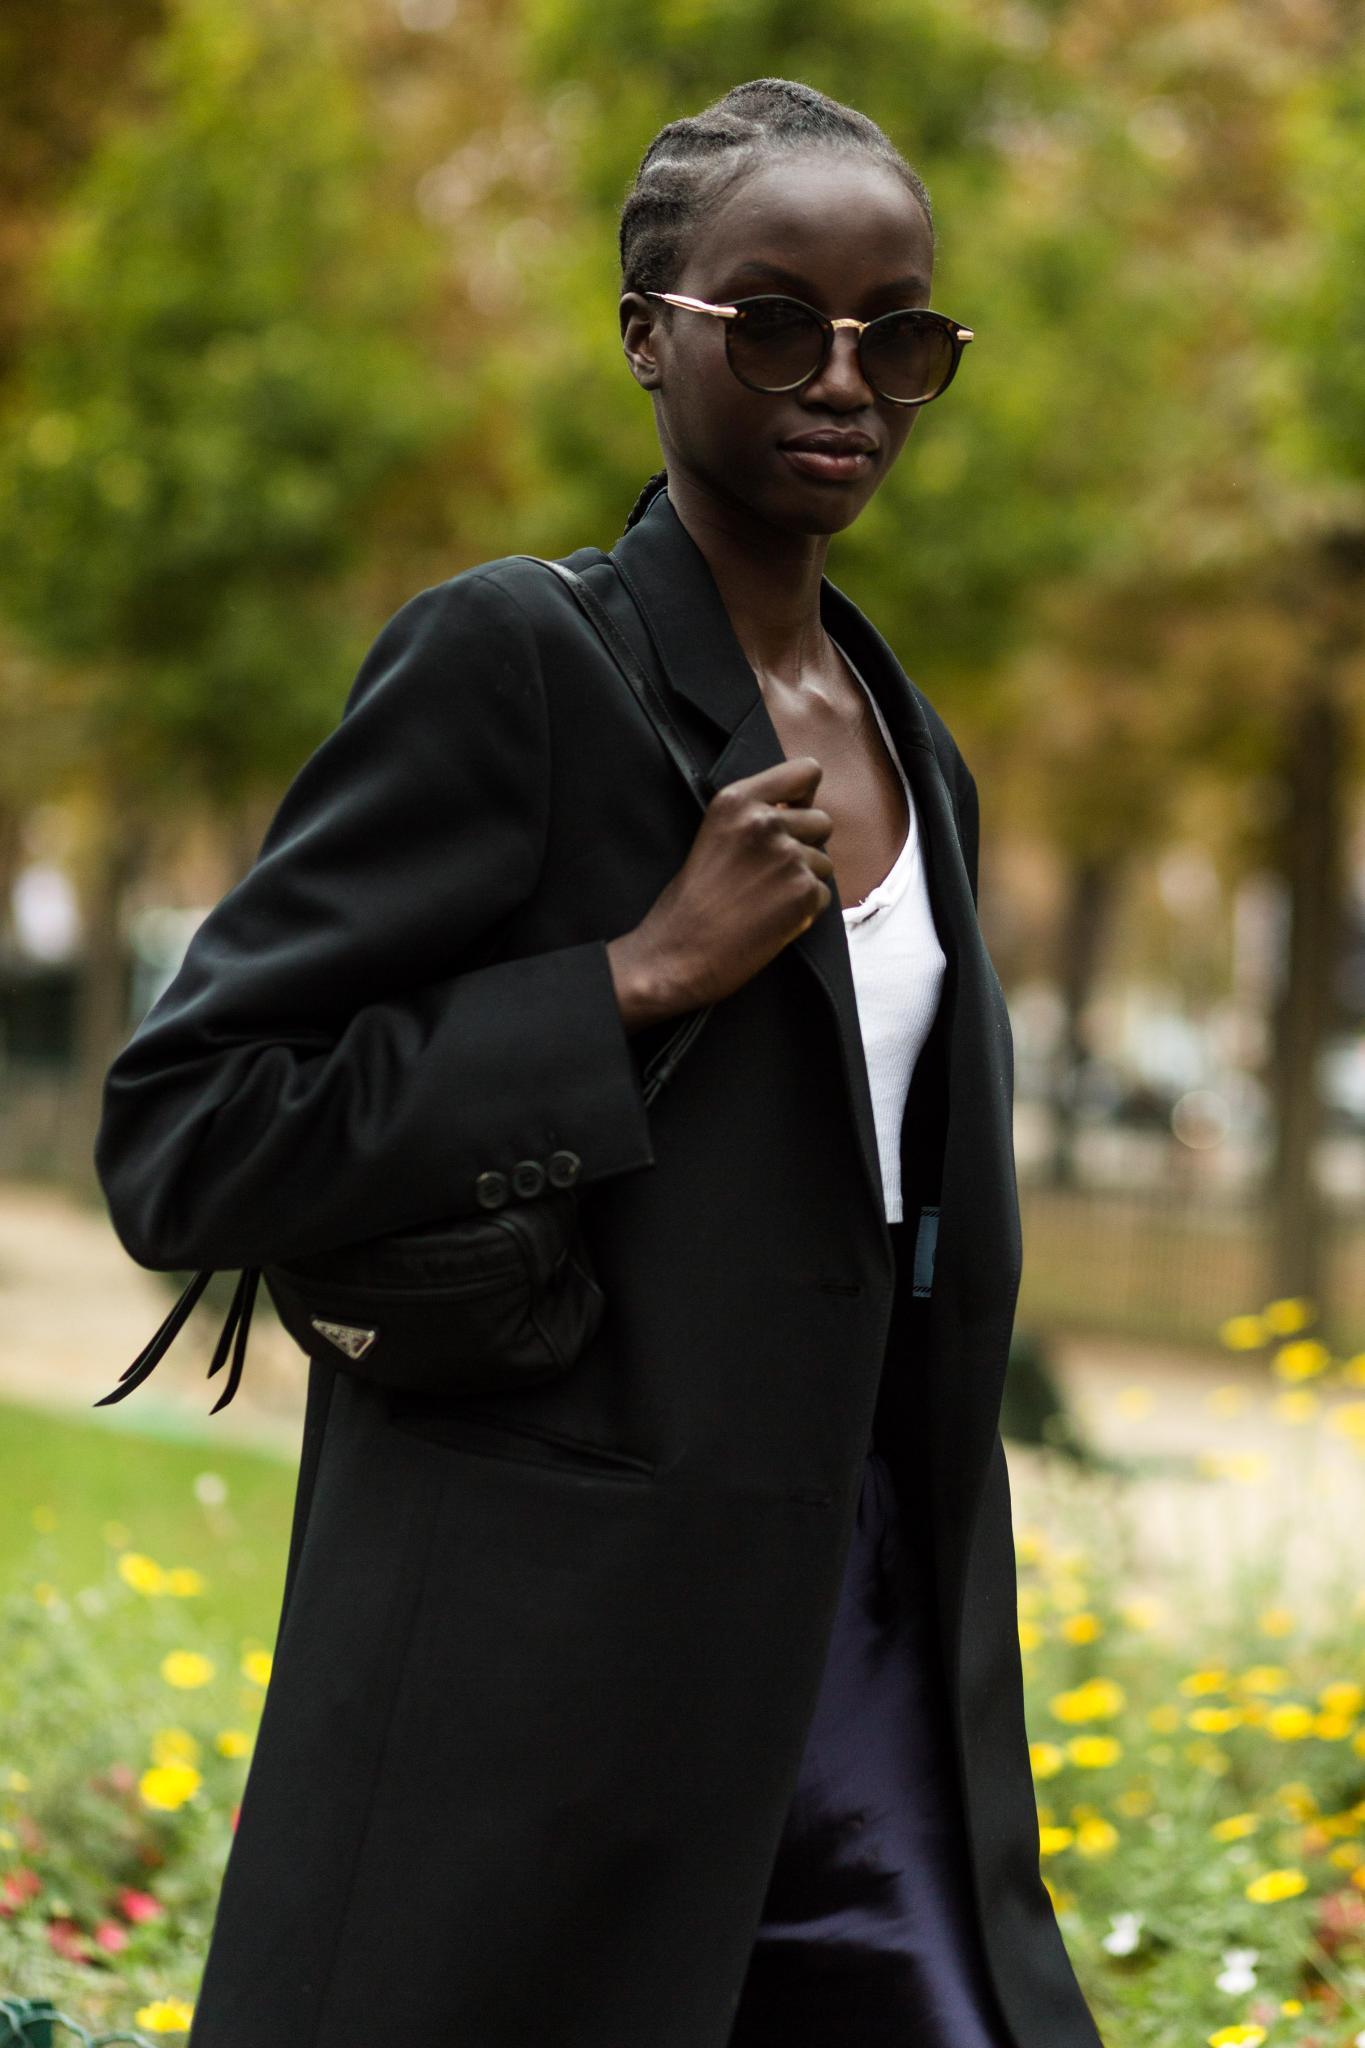 Idées de cheveux noirs courts : Un mannequin noir avec une coiffure en tresses à l'extérieur.